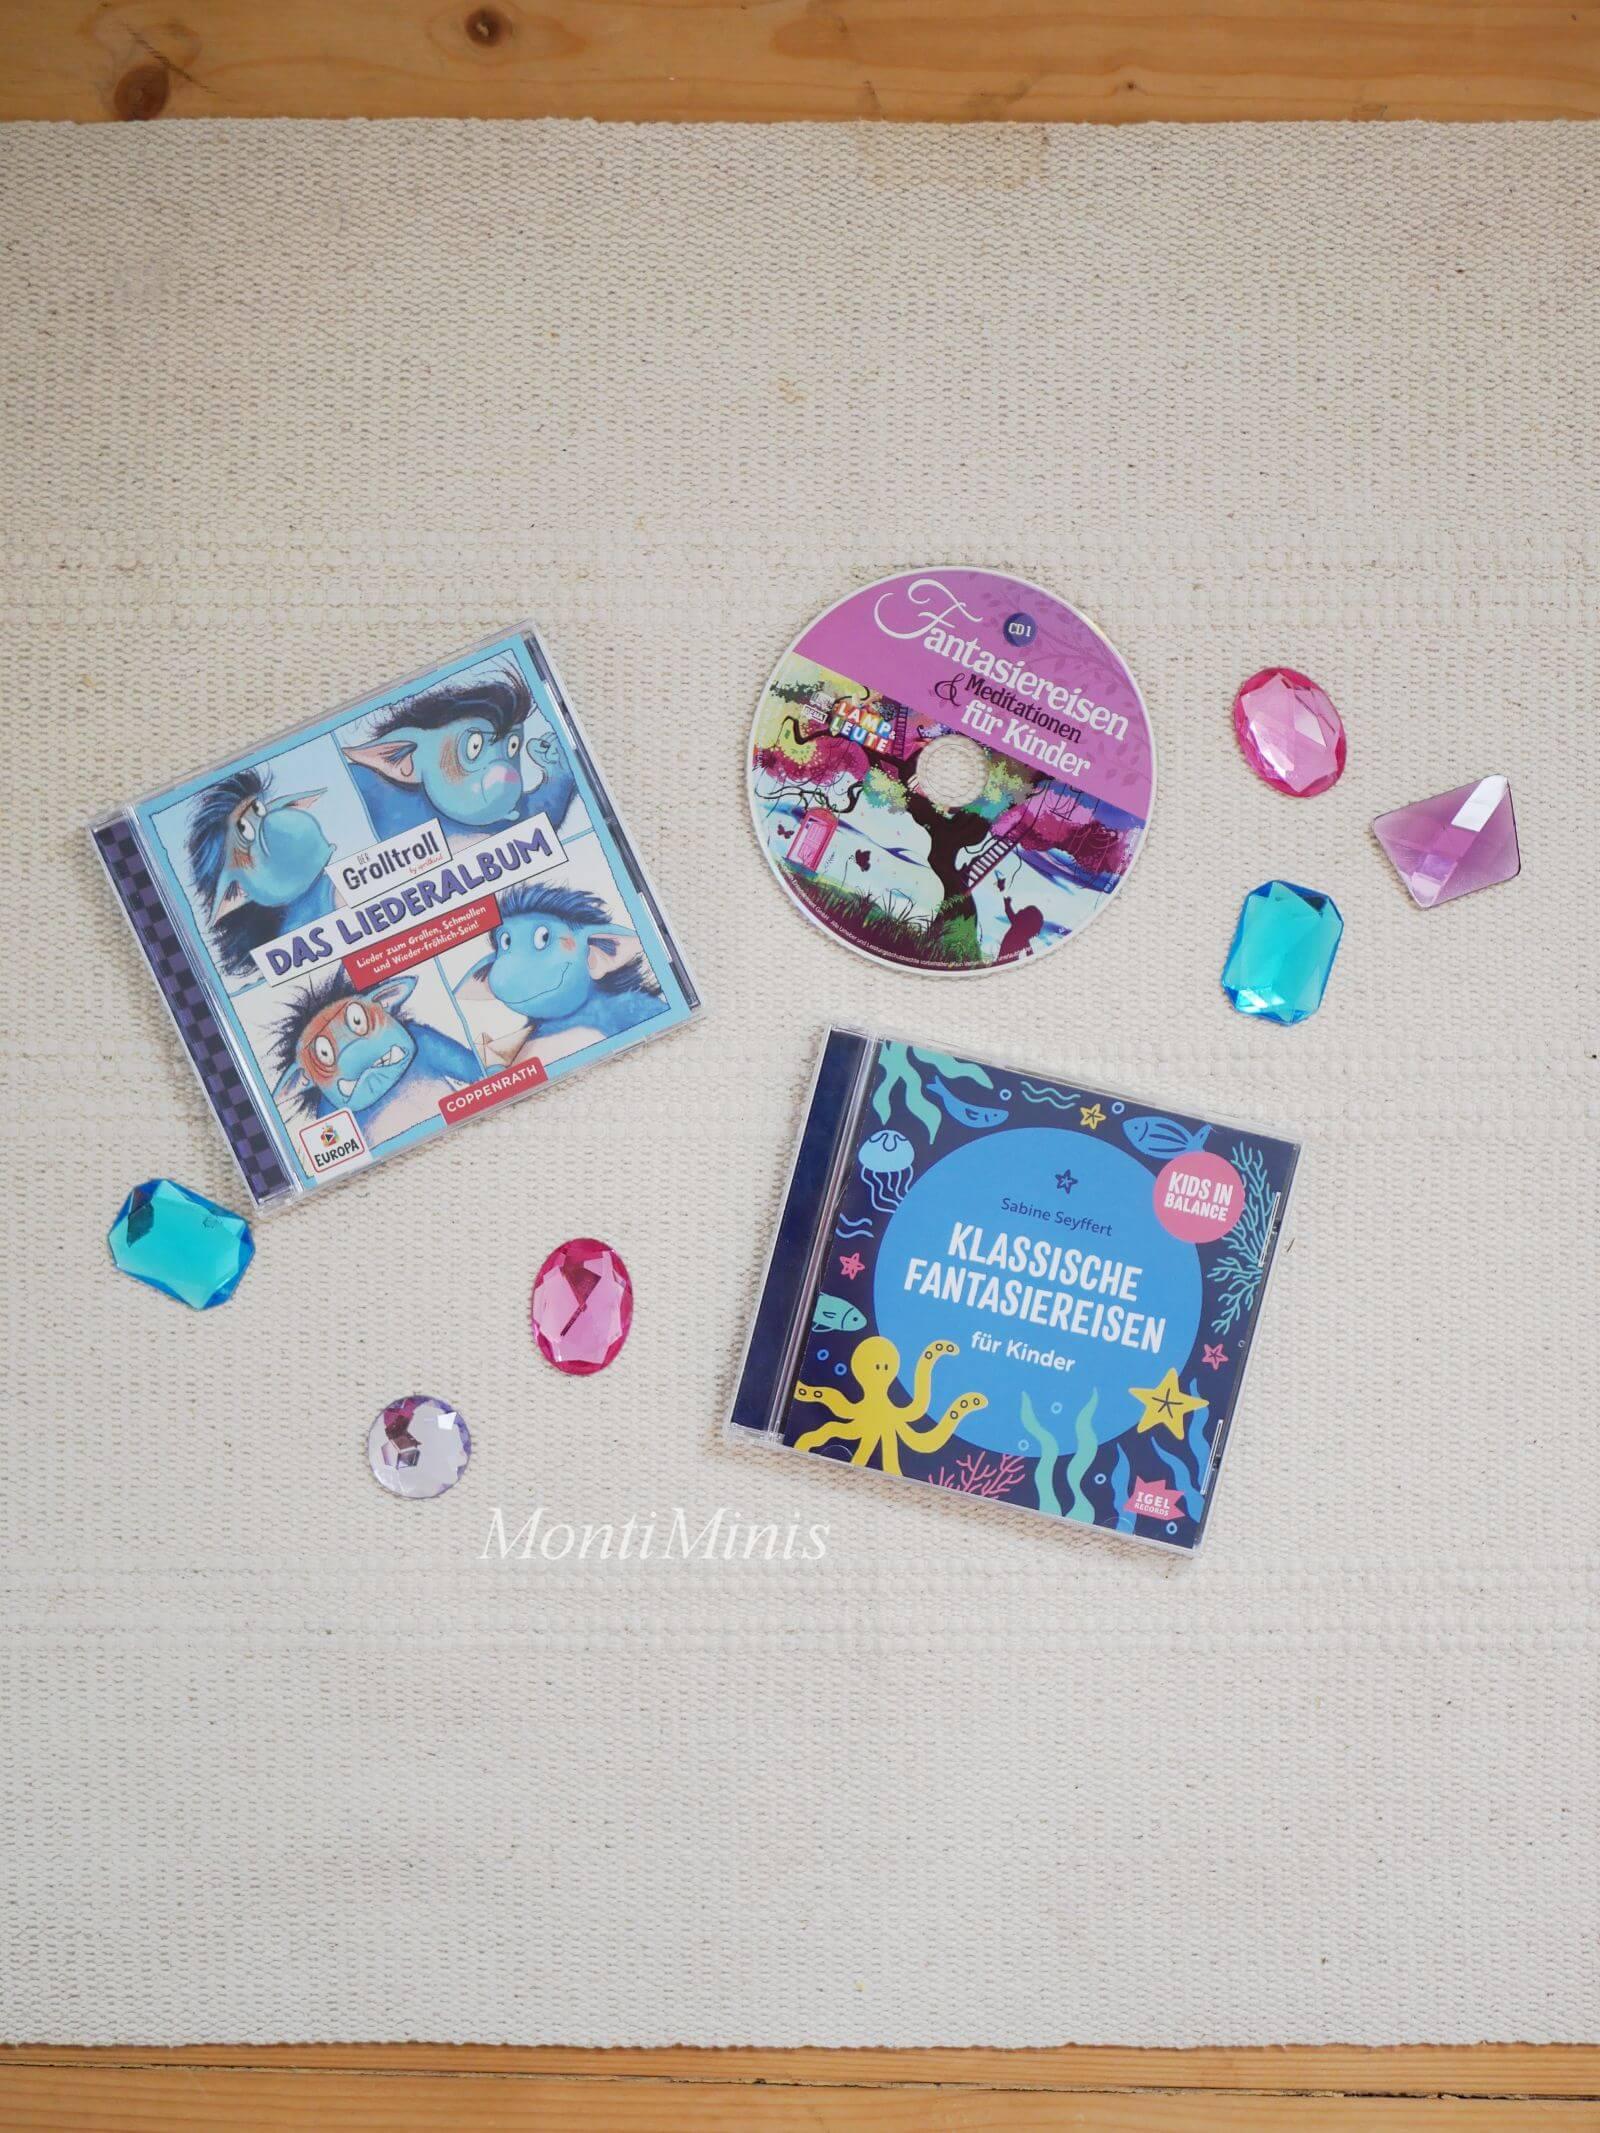 Montessori Zuhause: Eine Ruheoase für Kinder zum Lesen und Entspannen, Achtsamkeit, Kinderyoga, Buddha Board, Waldorf - montiminis.com